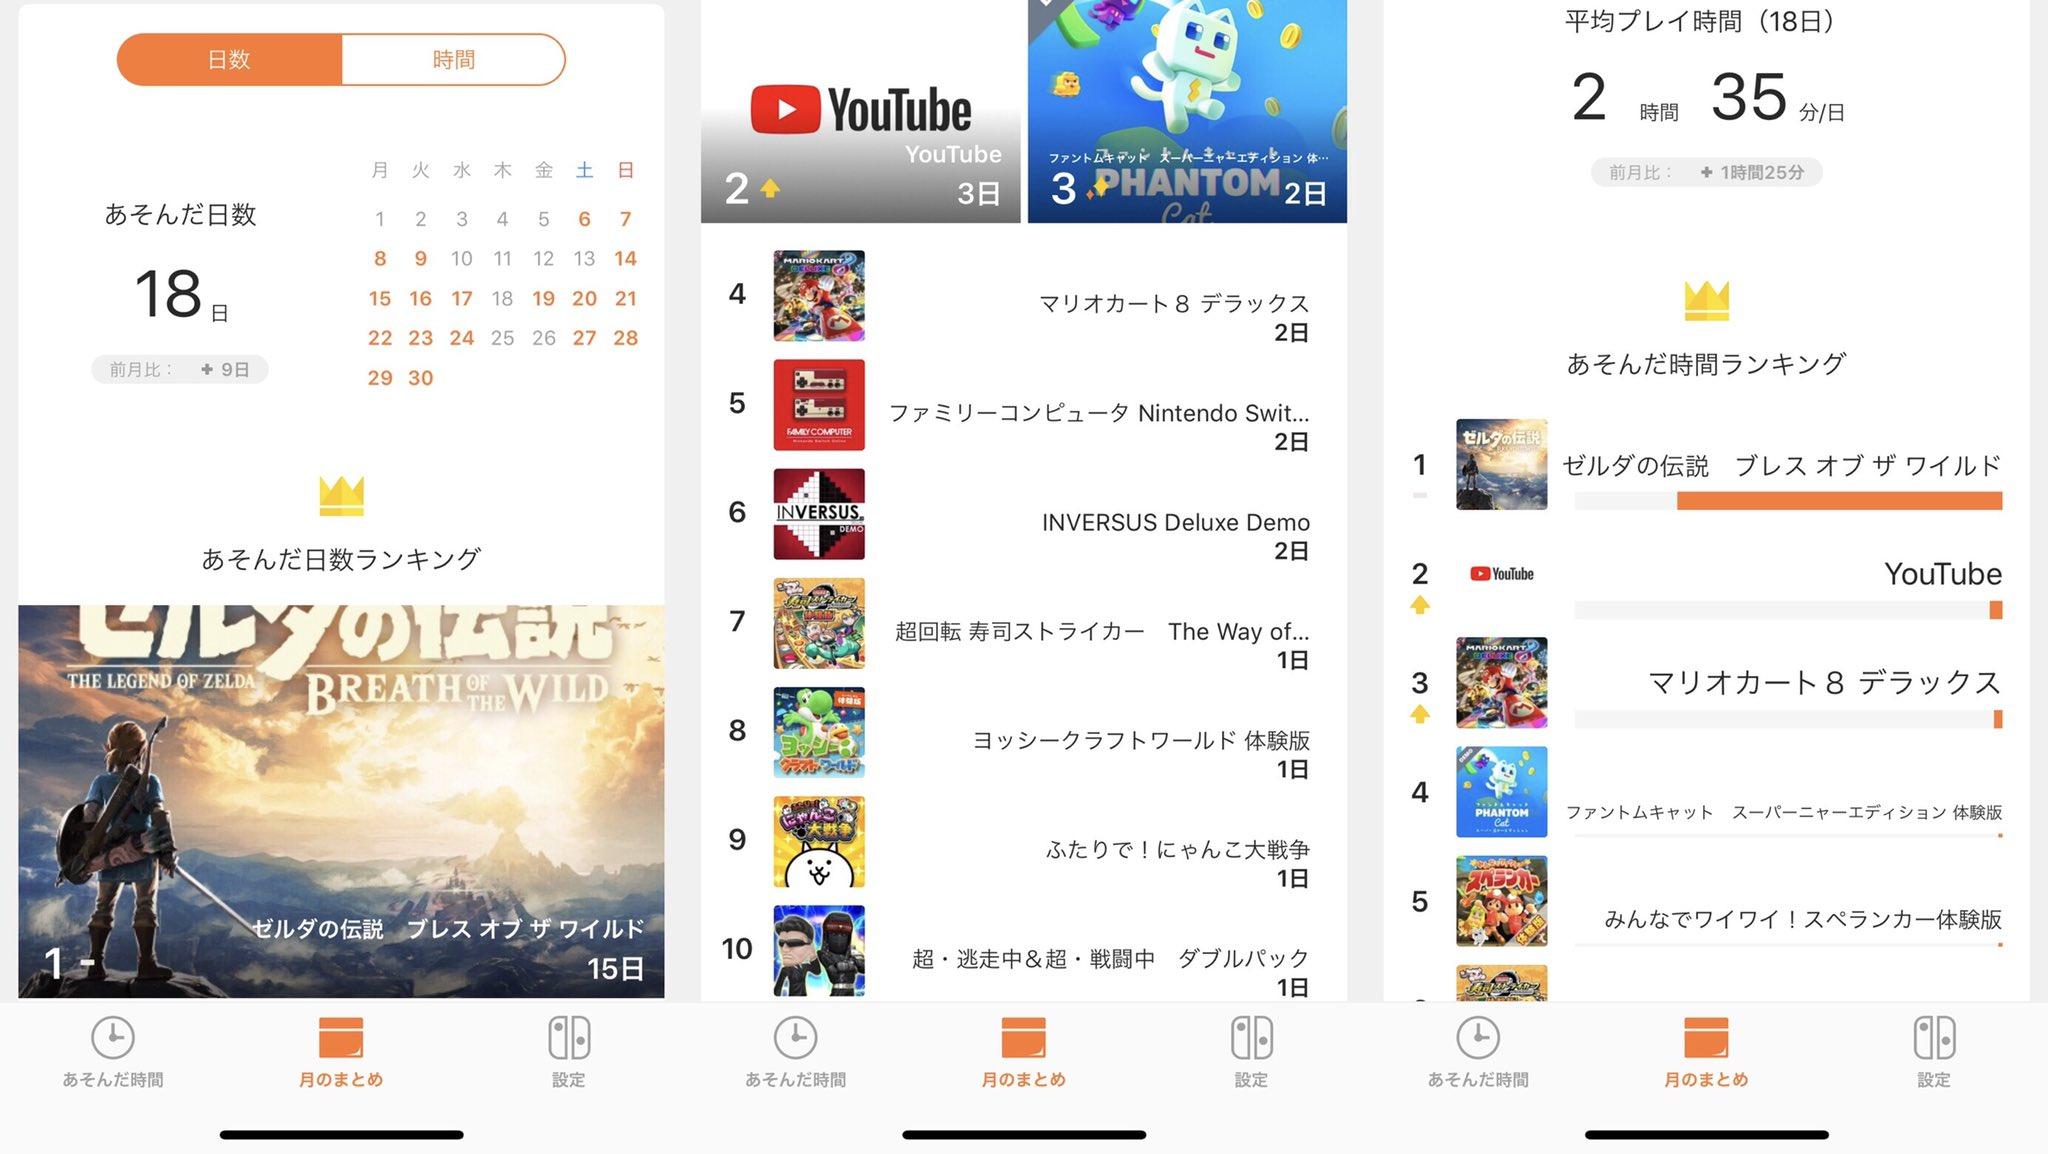 みまもりSwitchで4月の Nintendo Switch プレイ時間をチェック。だいぶゼルダ率が上がってきた。 https://t.co/KKctjSbAWw